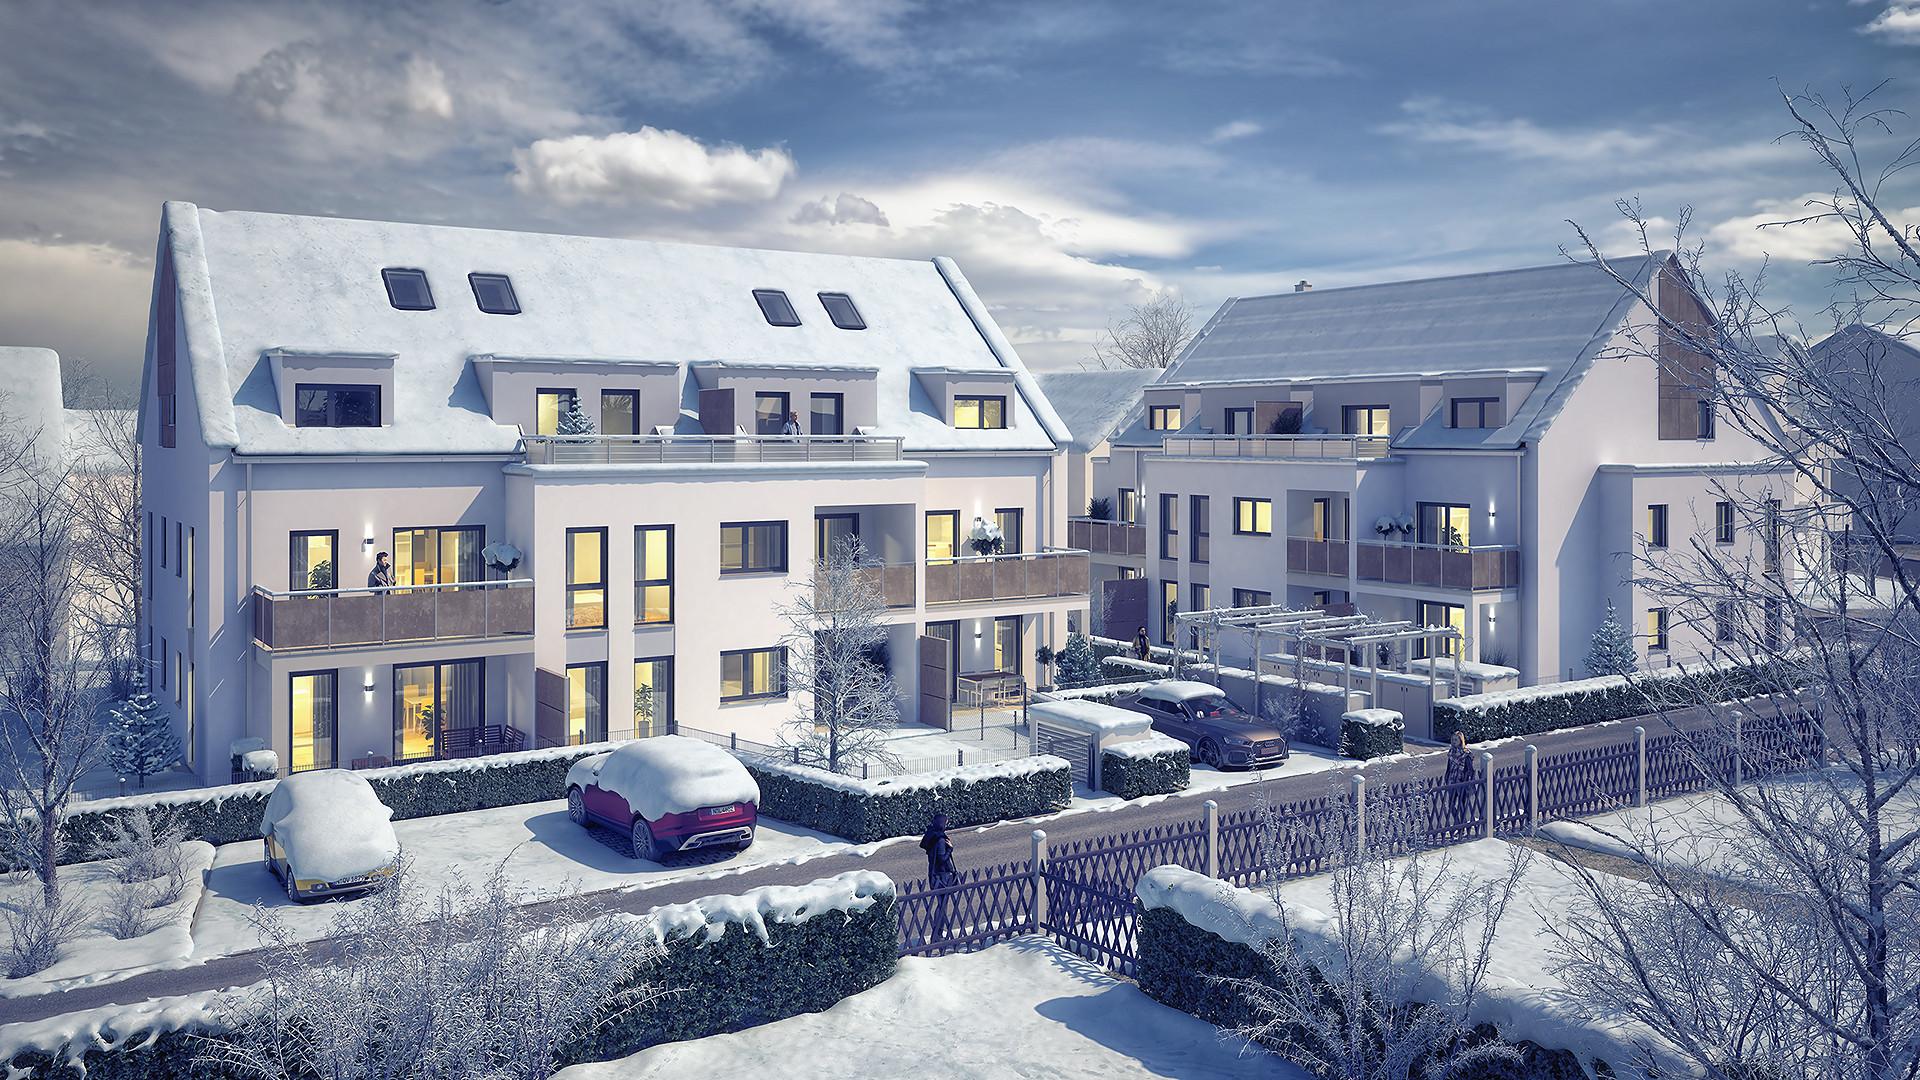 Nürnberg_Am_Kohlrangen_Winter_final_RGB_